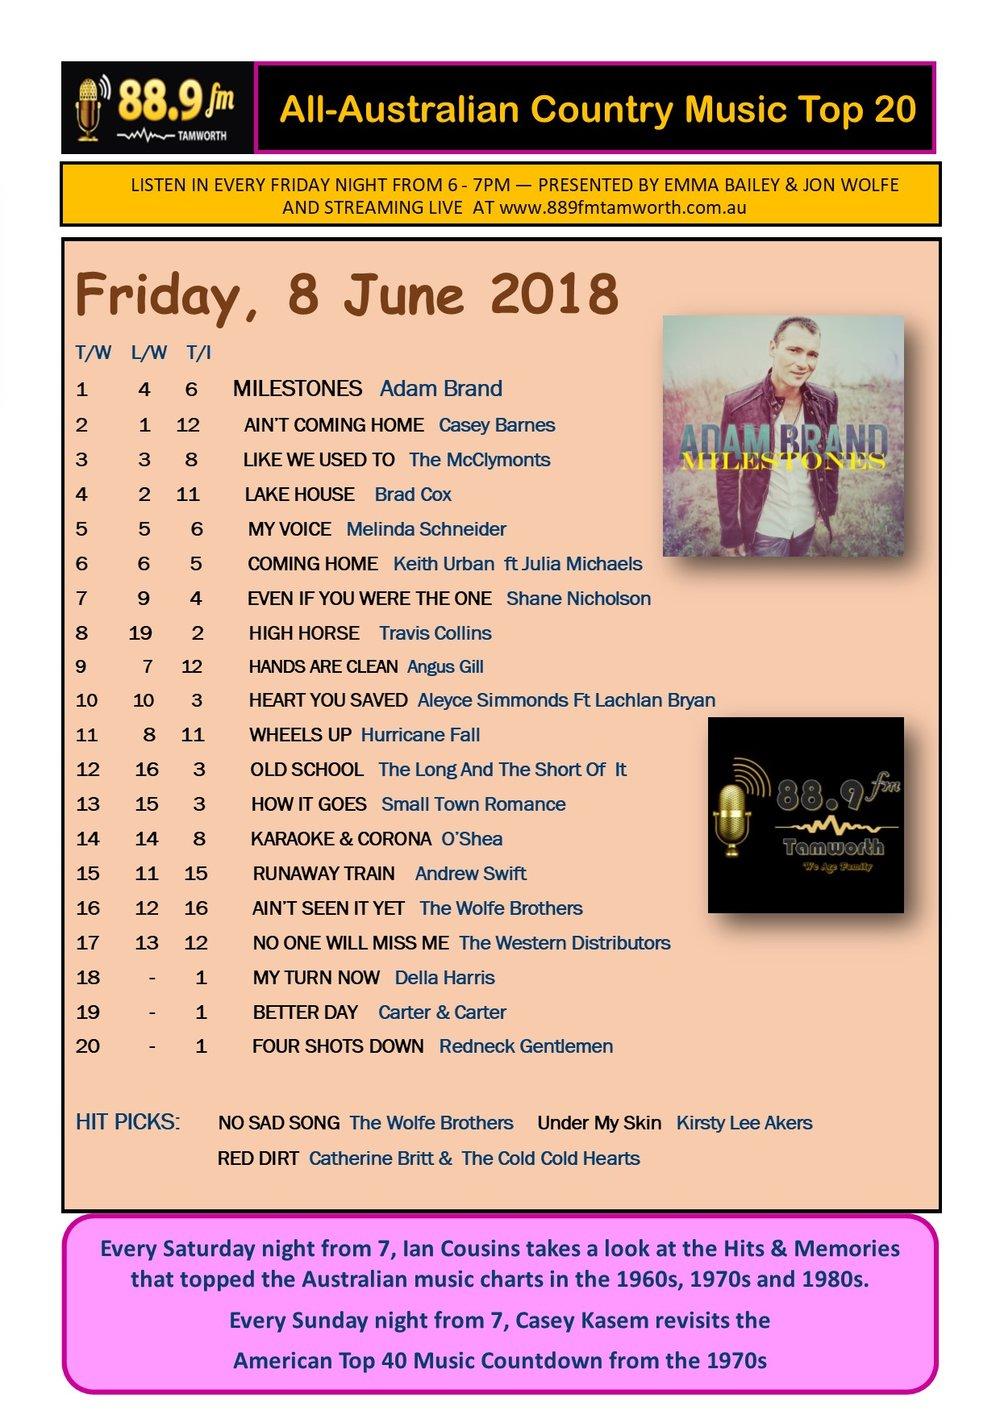 889FM CHART 8 June 2018.jpg